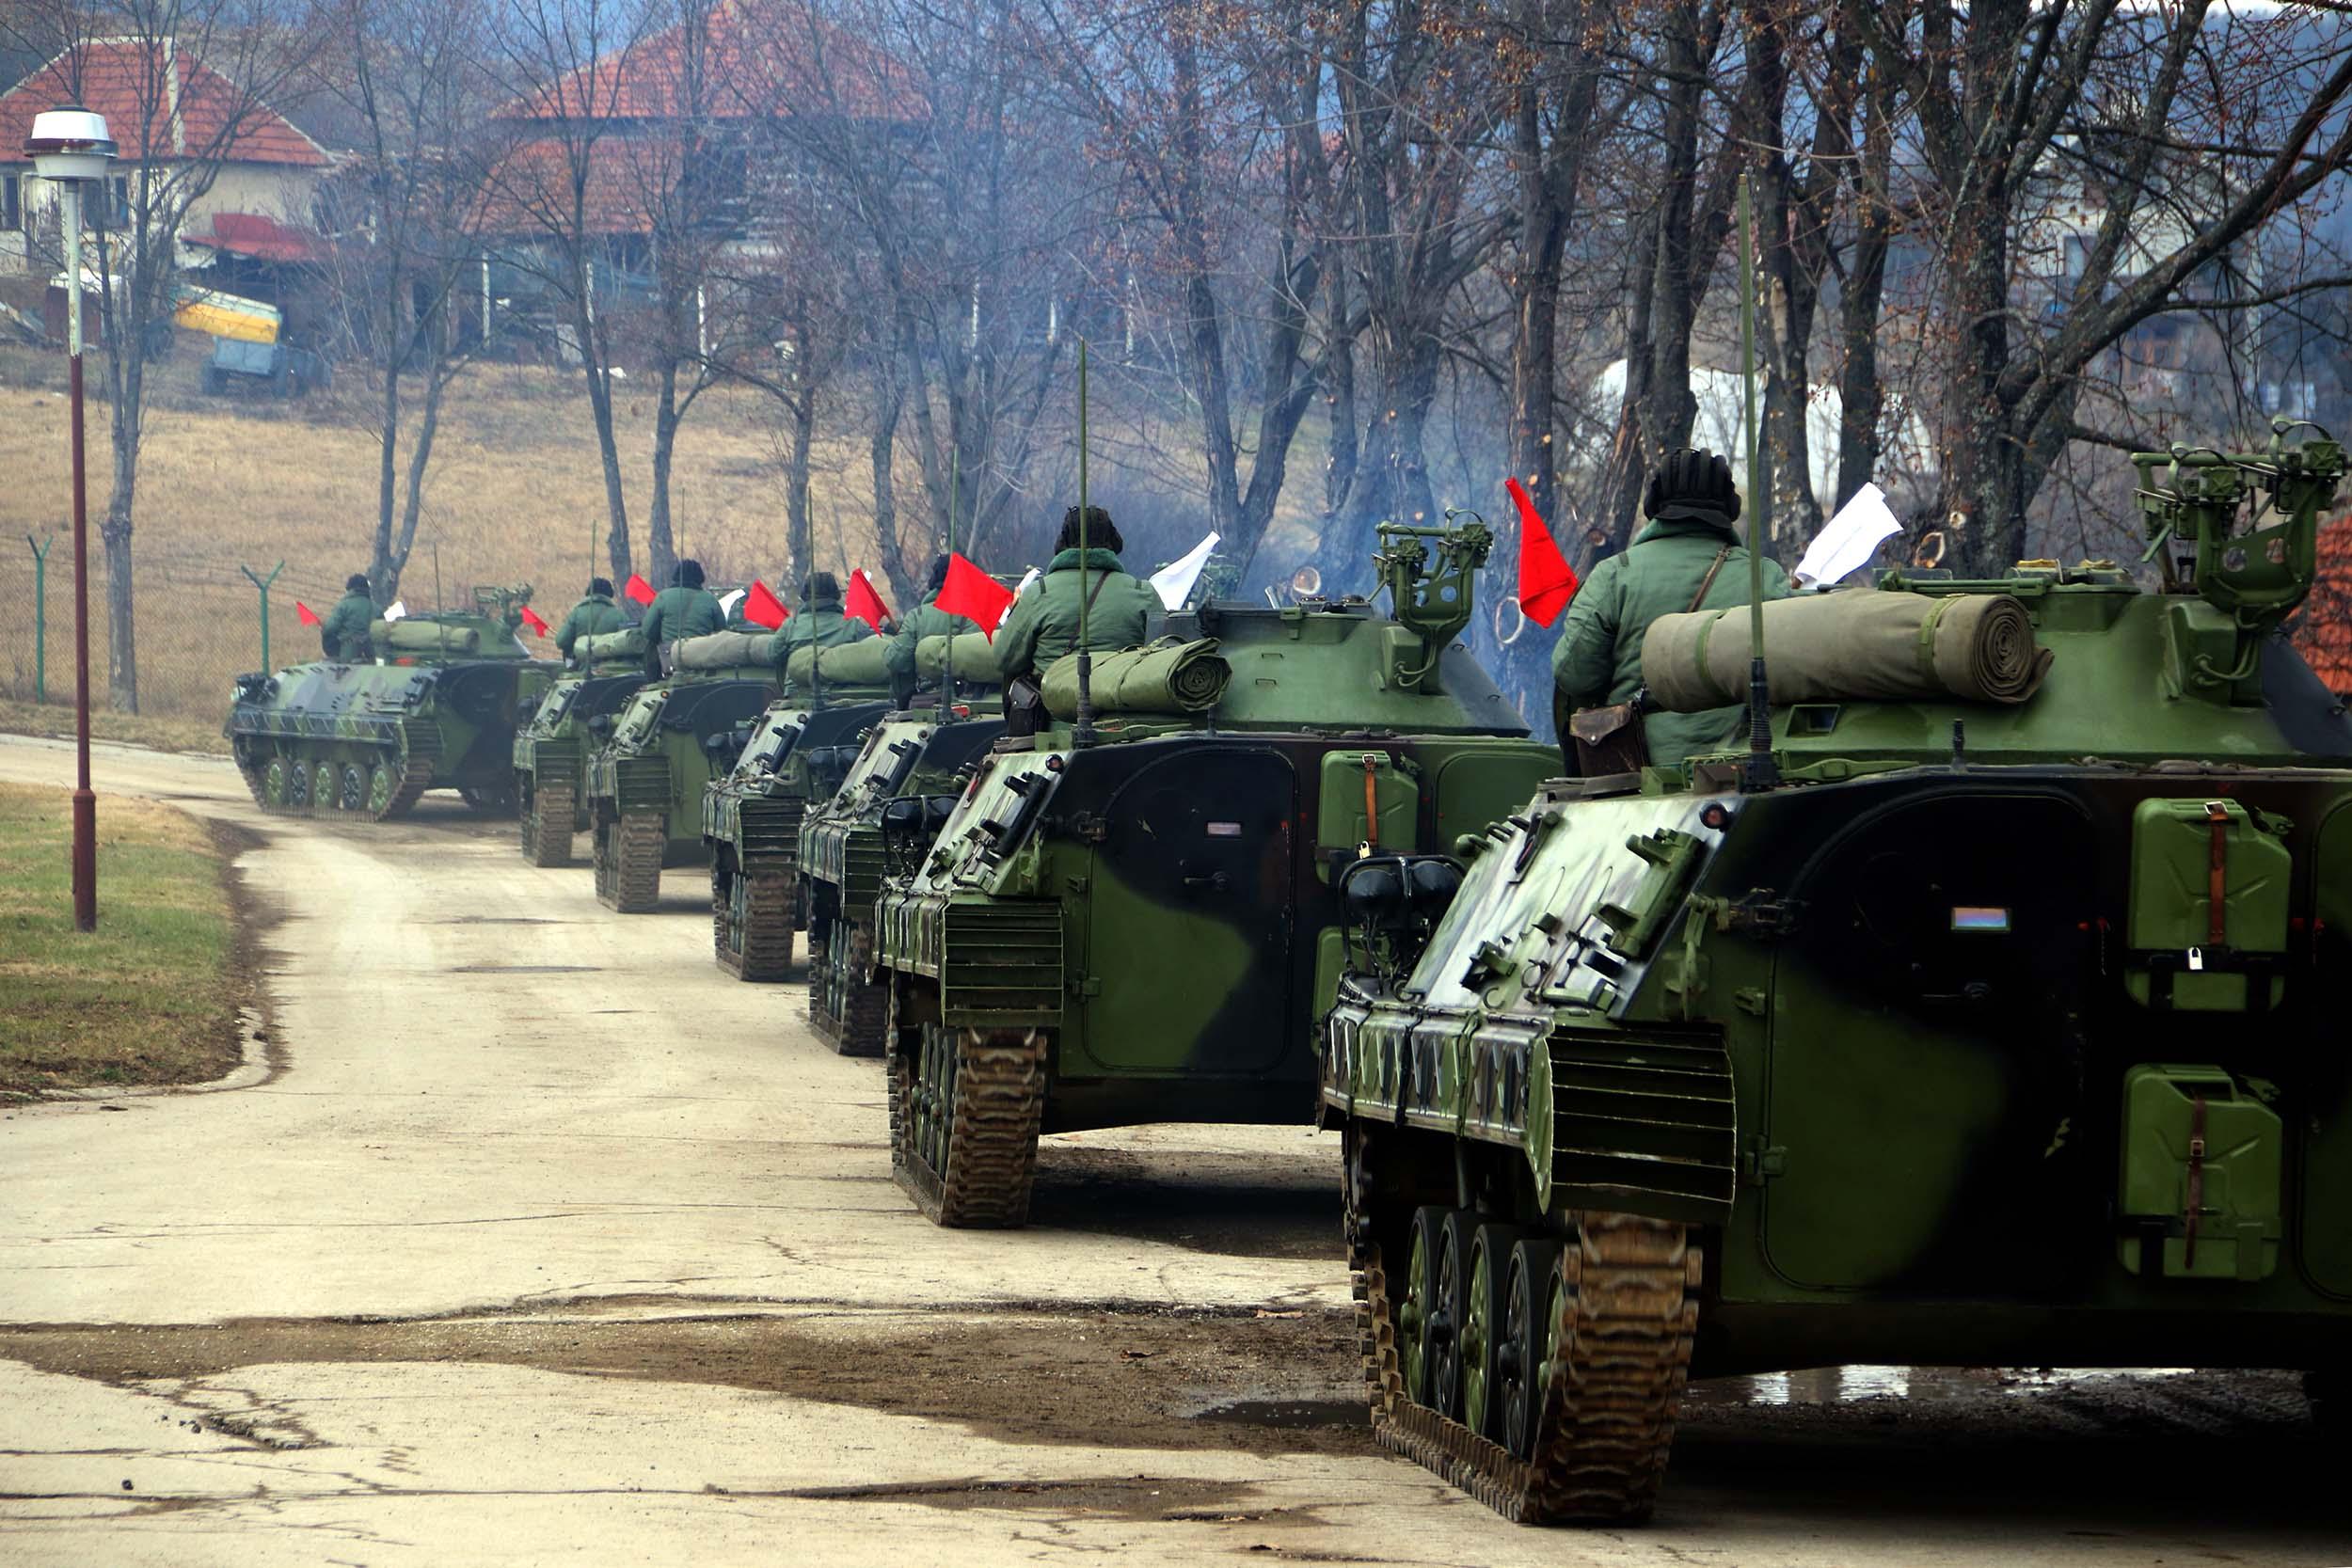 Све јединице Војске Србије спремне да спроведу свако наређење